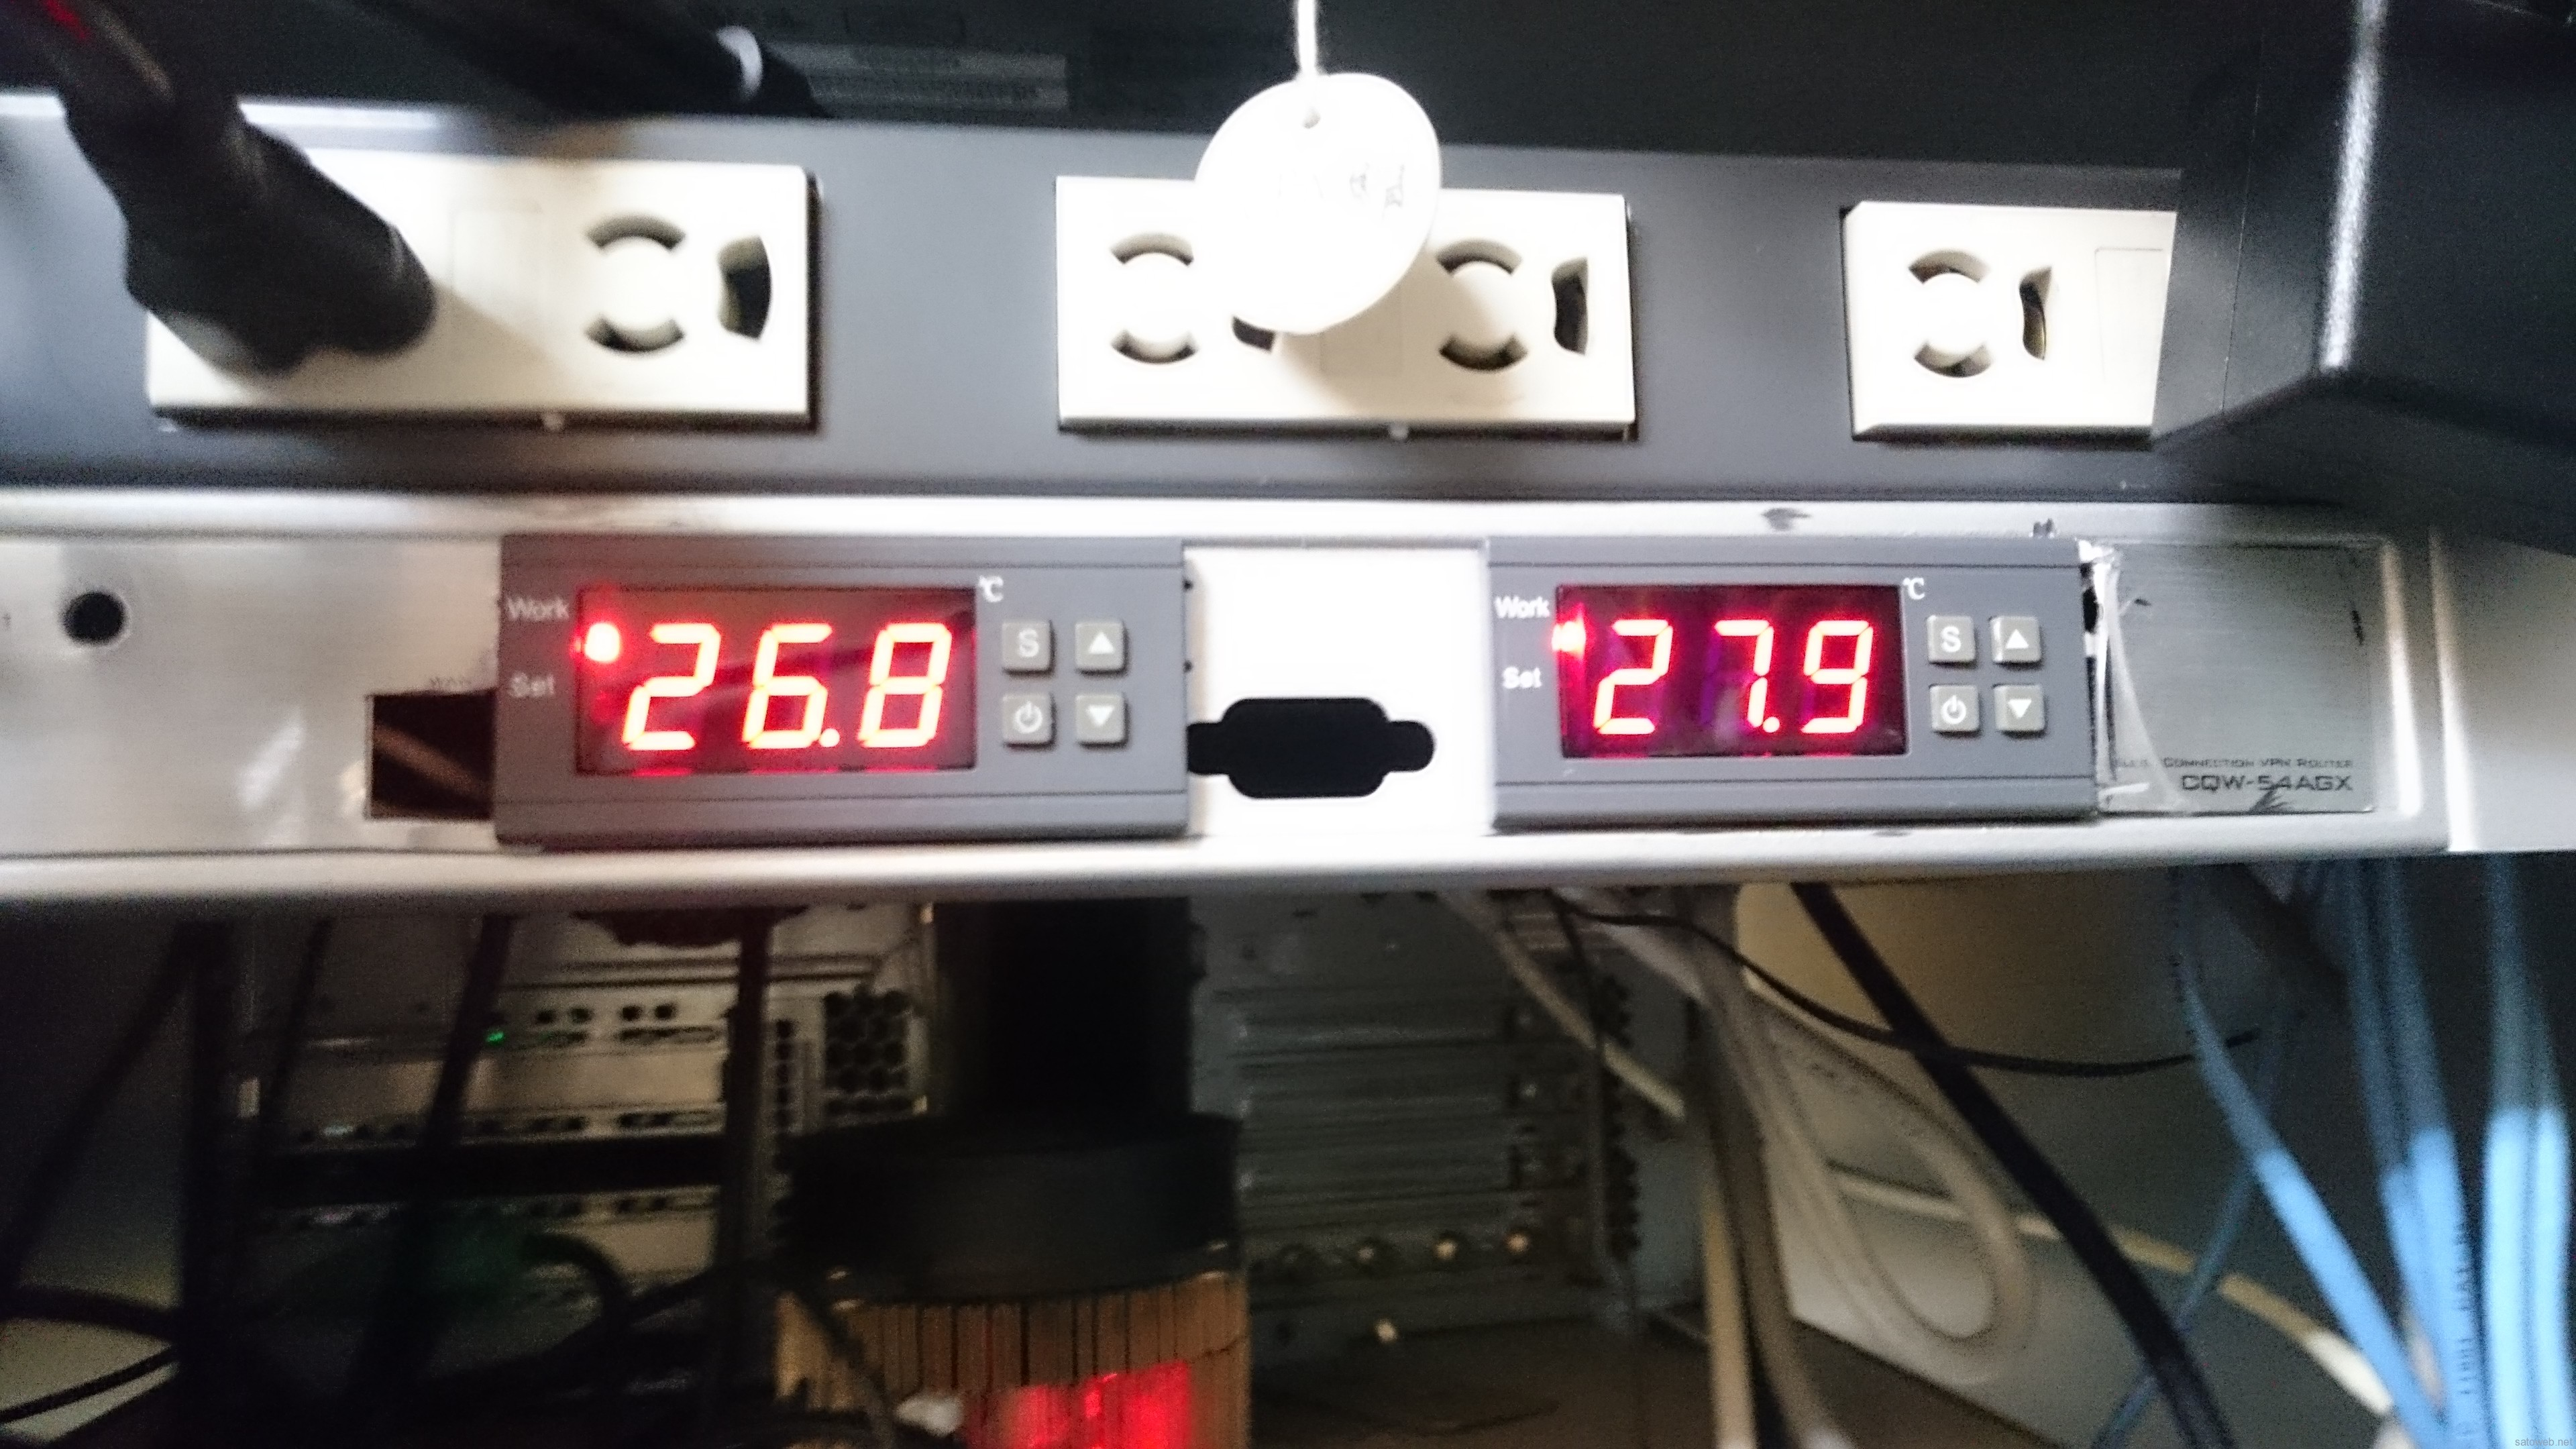 1Uラックマウント、温度センサーユニット作ってみた。